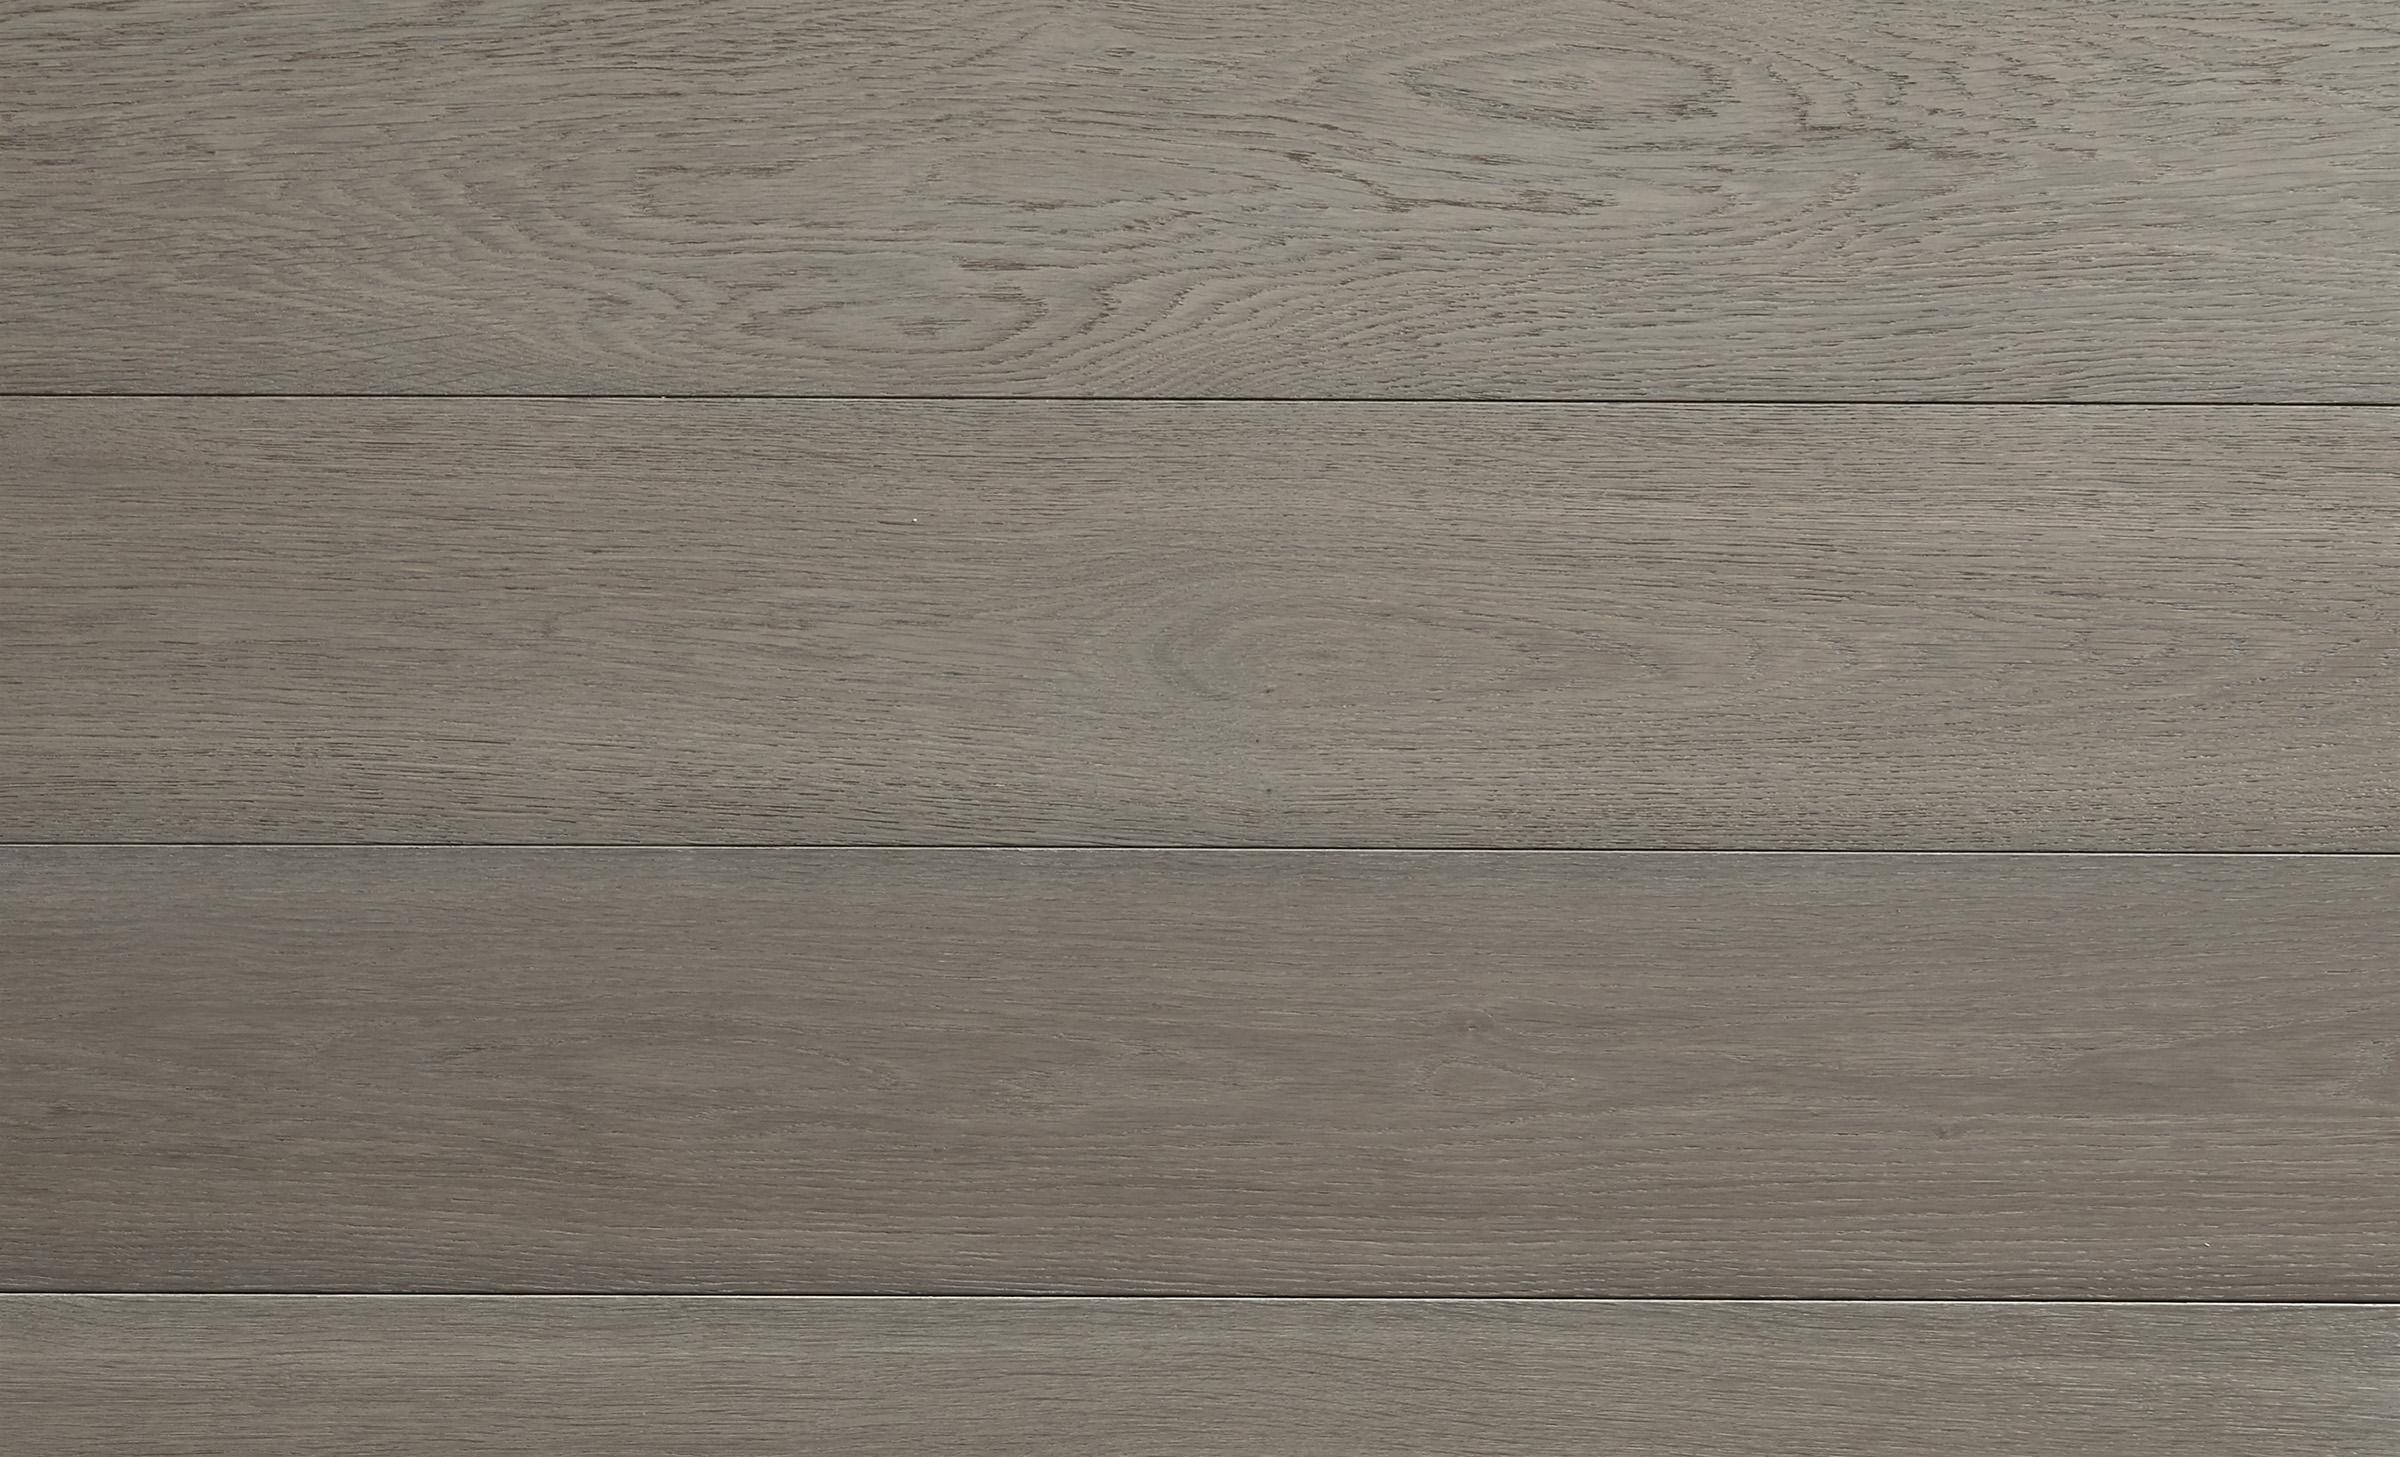 M A D E R A | European-White-Oak-Hardwood-Flooring-NYC